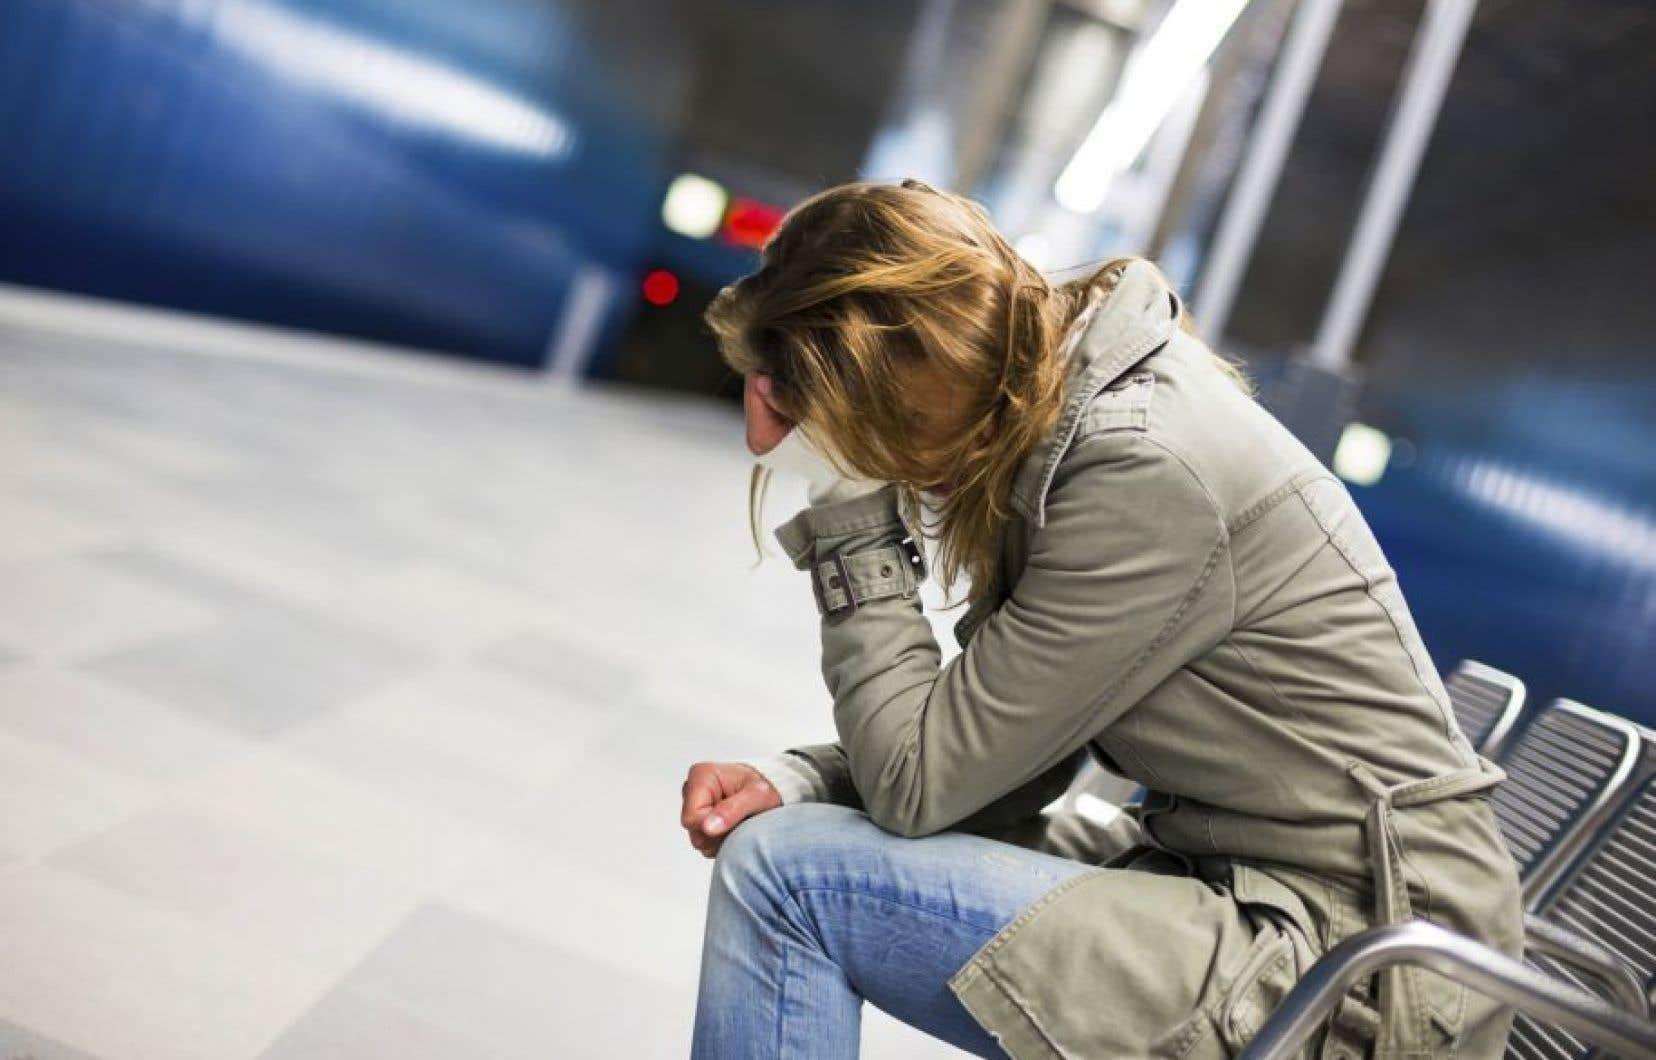 À peine un jeune sur dix se tourne vers une ressource professionnelle pour parler de ses émotions, sa santé mentale ou sa consommation d'alcool ou de drogues.